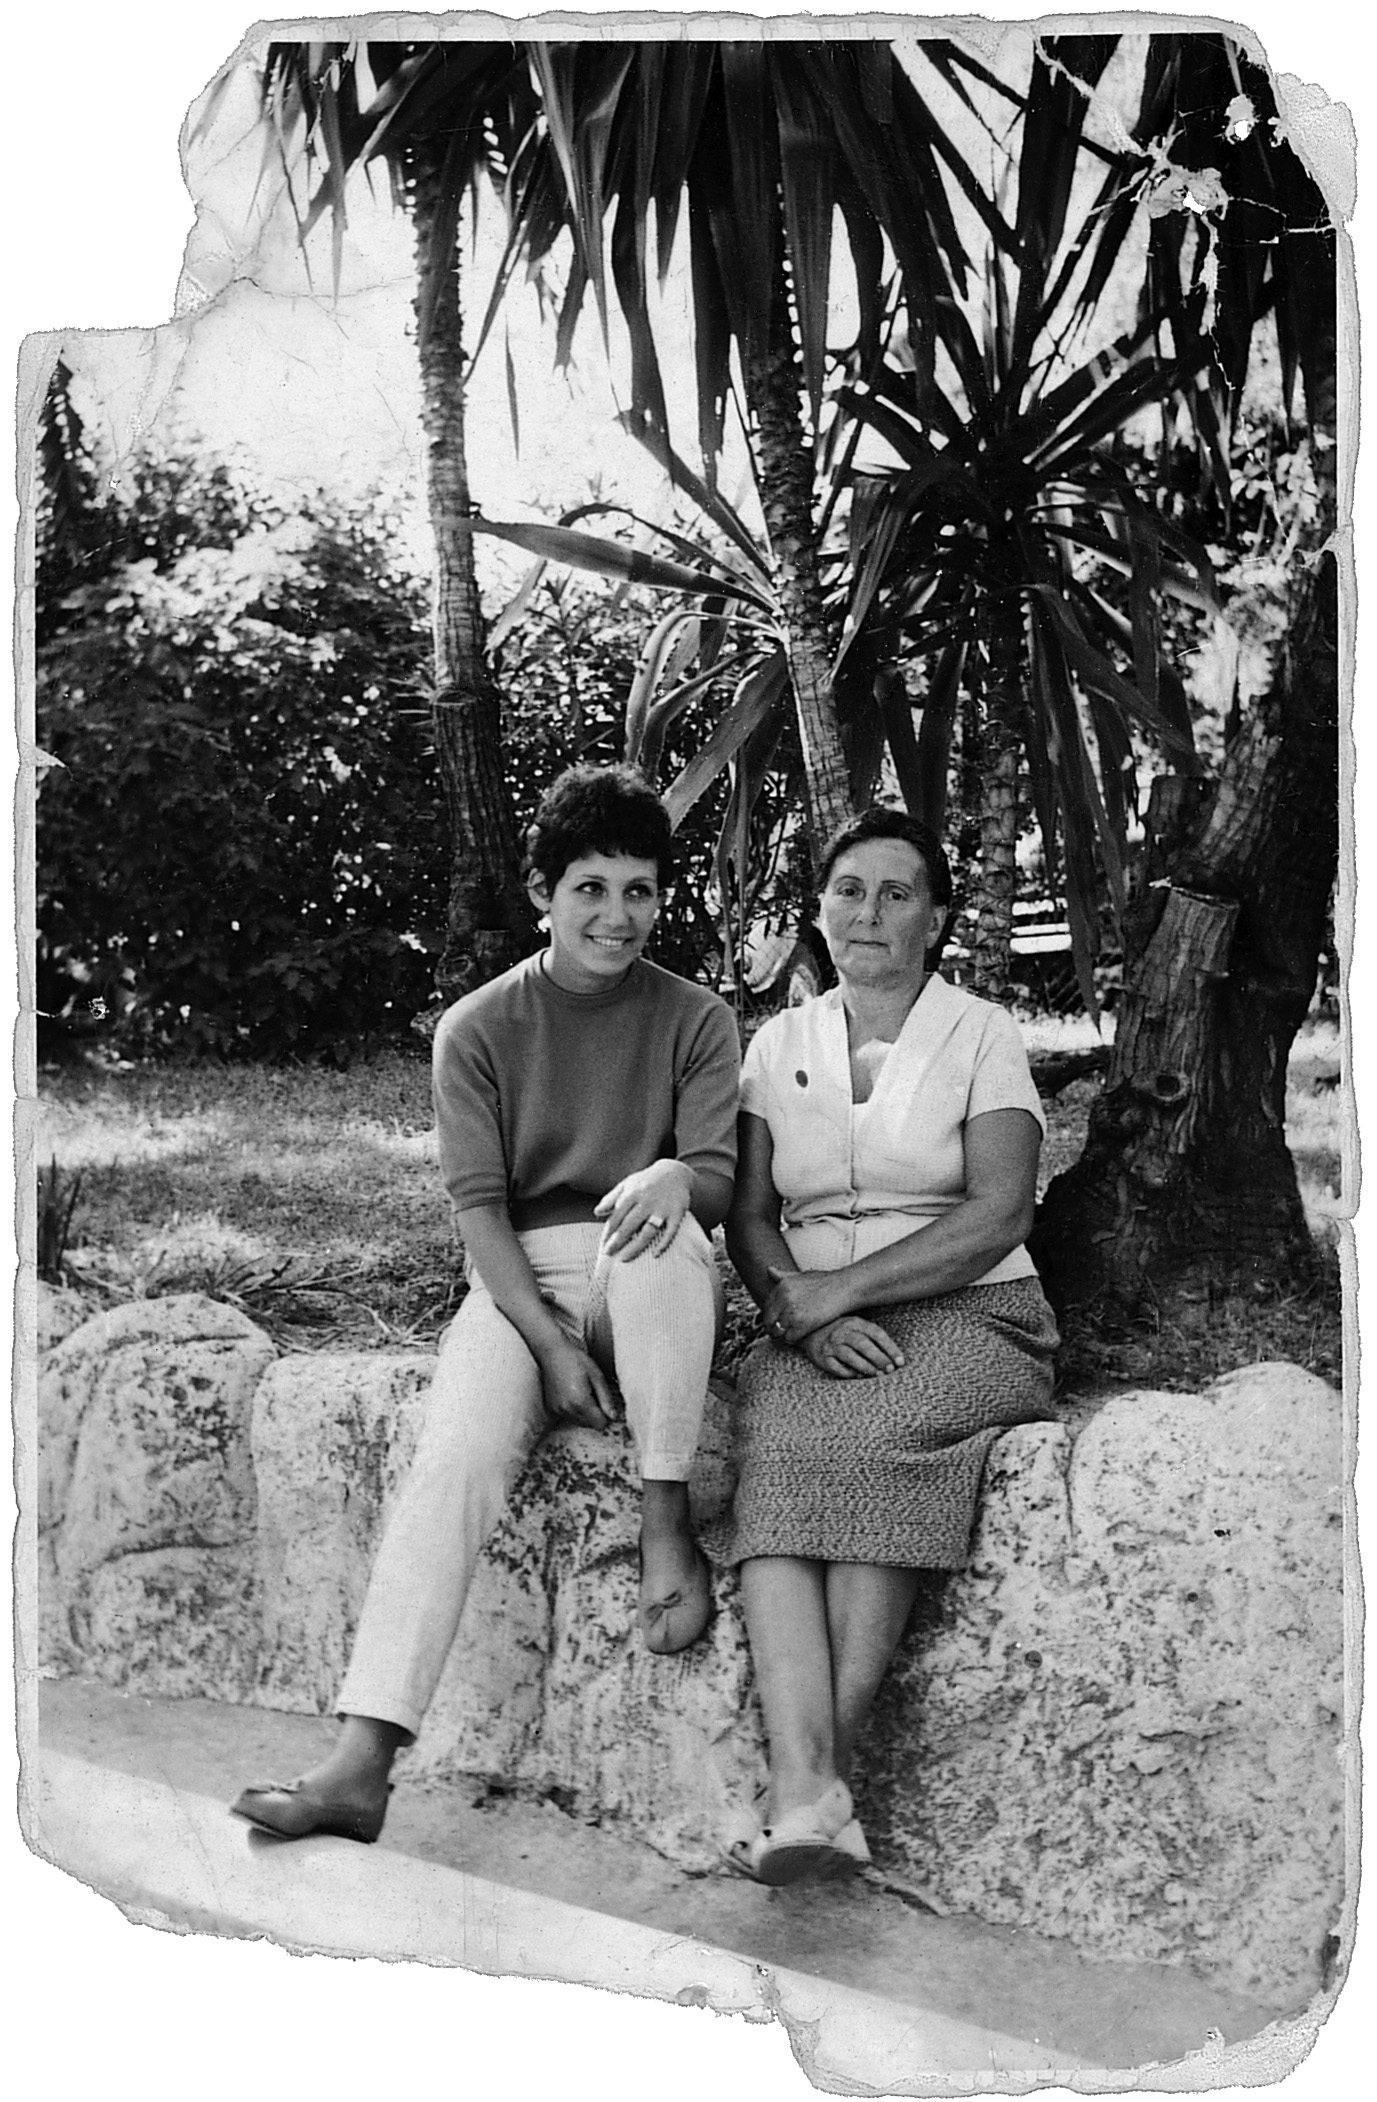 Un photo tirée du livre de Liliane Rovère qu'elle légende ainsi : « Maman et moi en 1957, sous les palmiers près de la gare de Nice ».